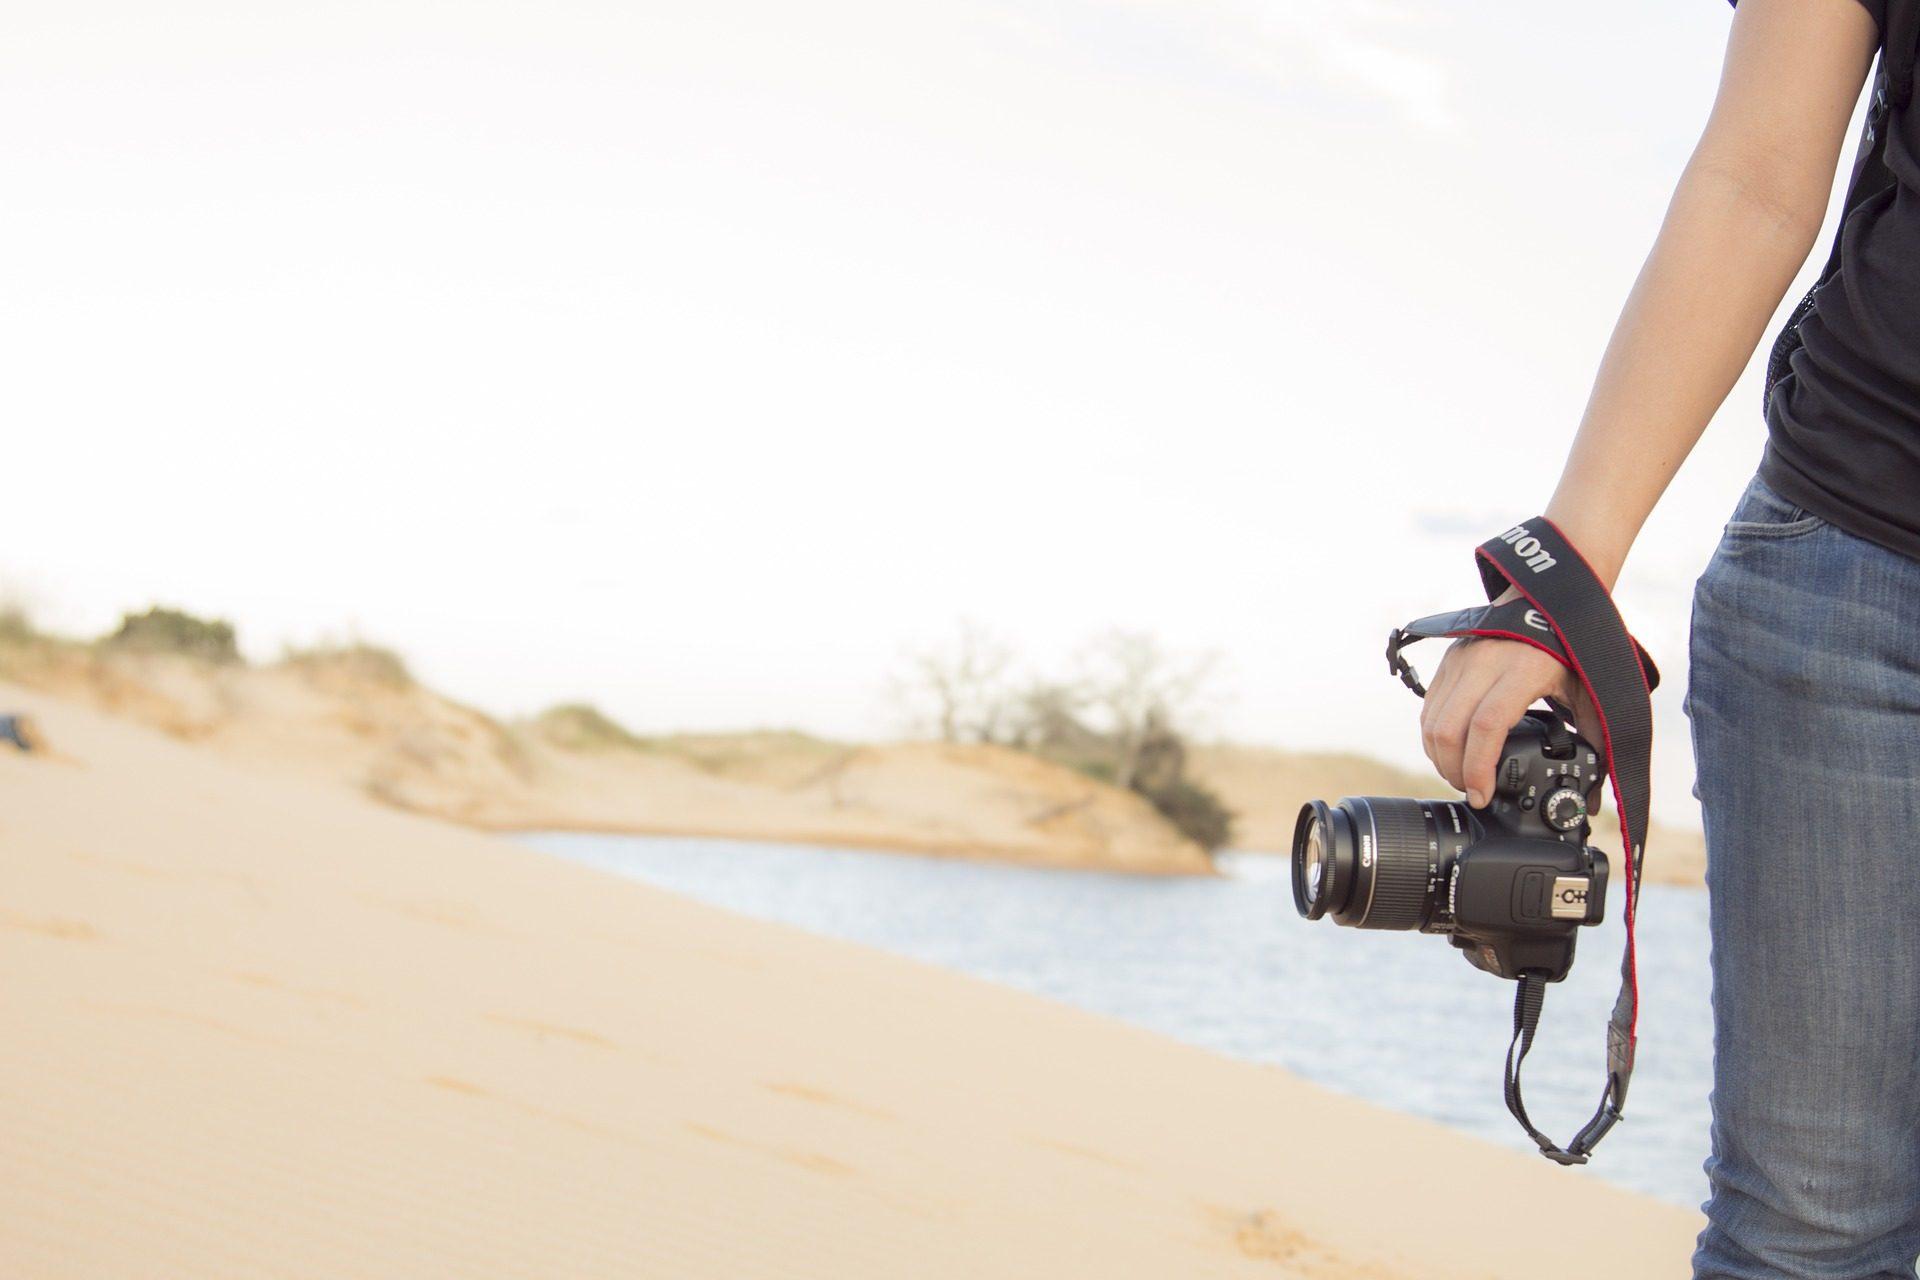 fotocamera, fotografia, fotografo, donna, Spiaggia, acqua - Sfondi HD - Professor-falken.com